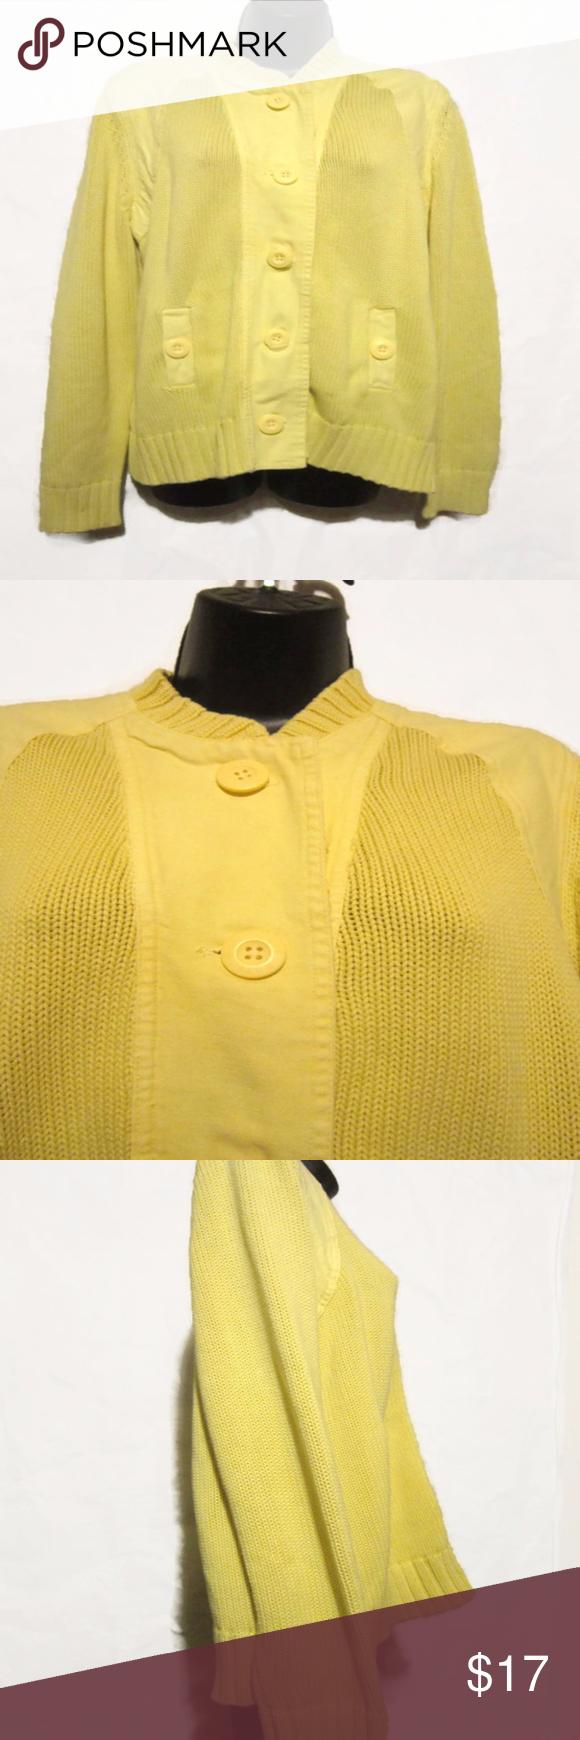 Ruff Hewn Womens Size XL Cardigan Jacket | Ruff hewn, Yellow ...